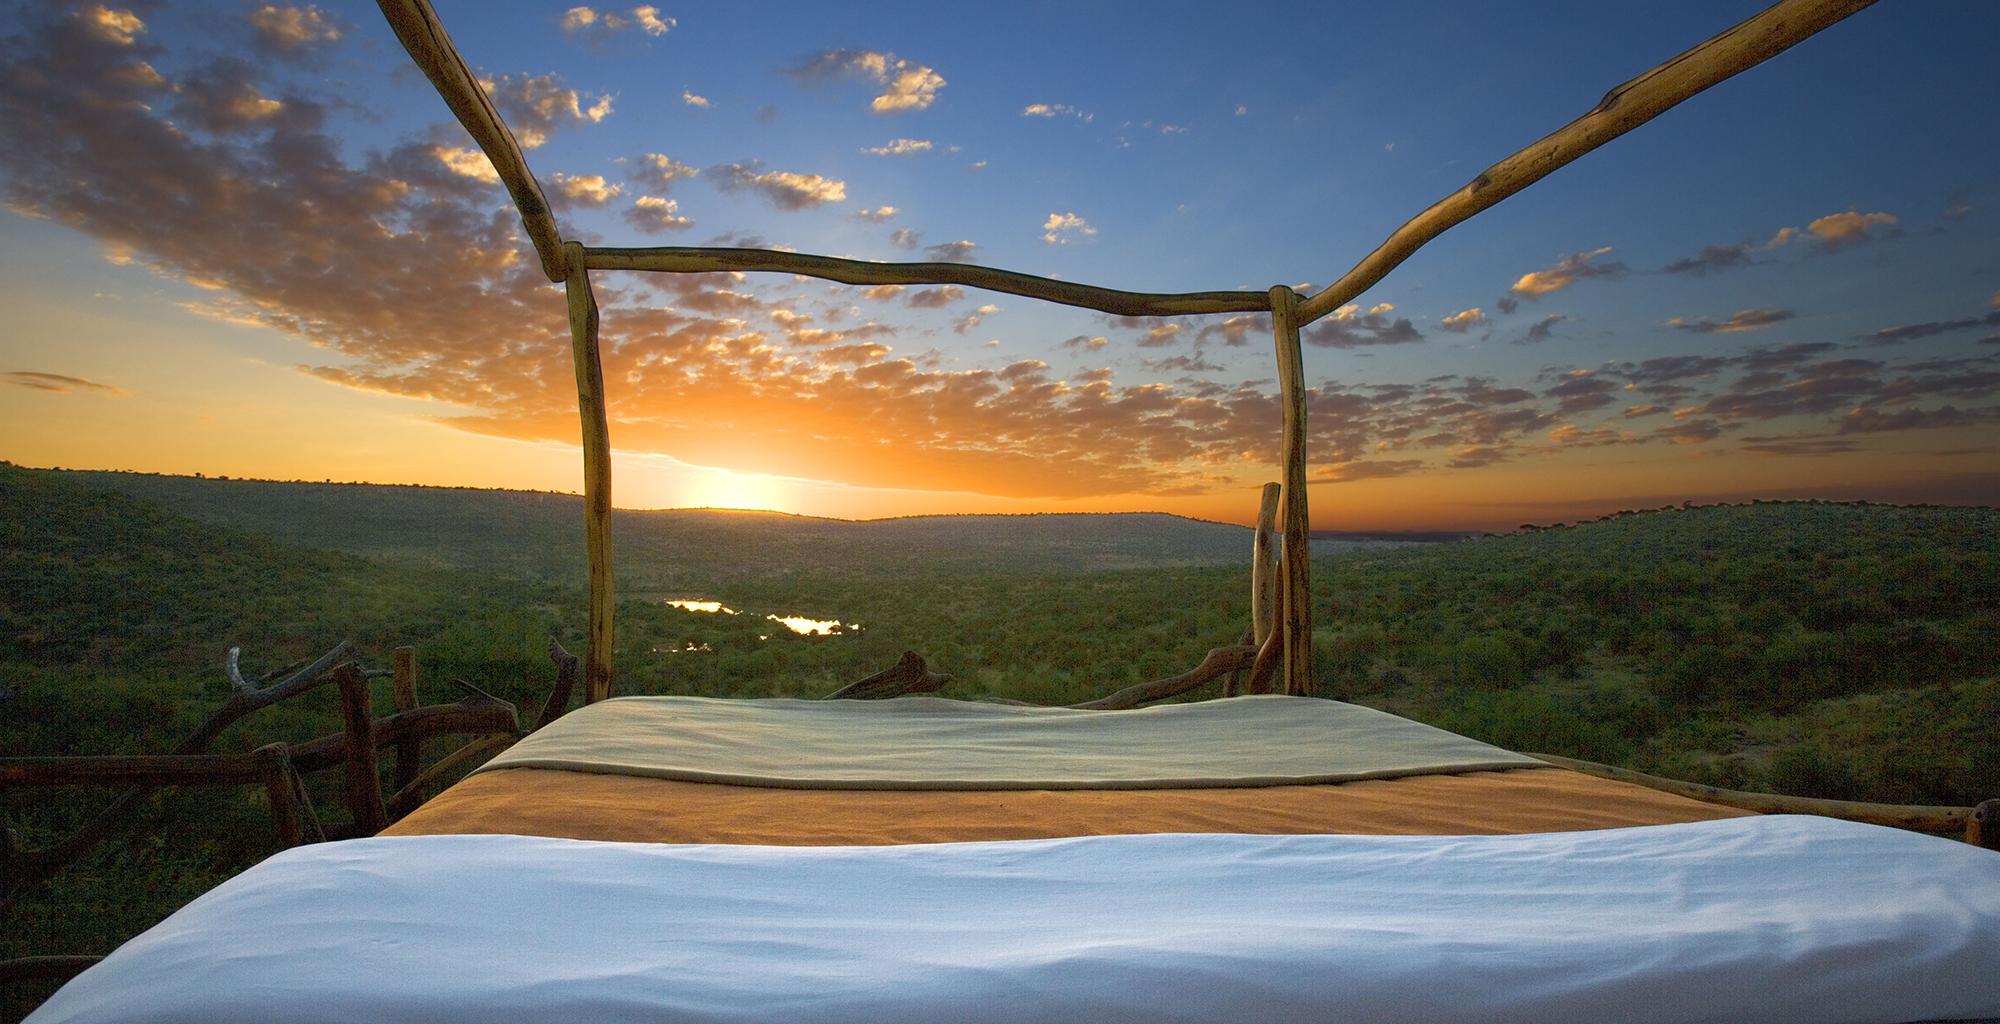 Kenya-Loisaba-Star-Beds-Sunrise